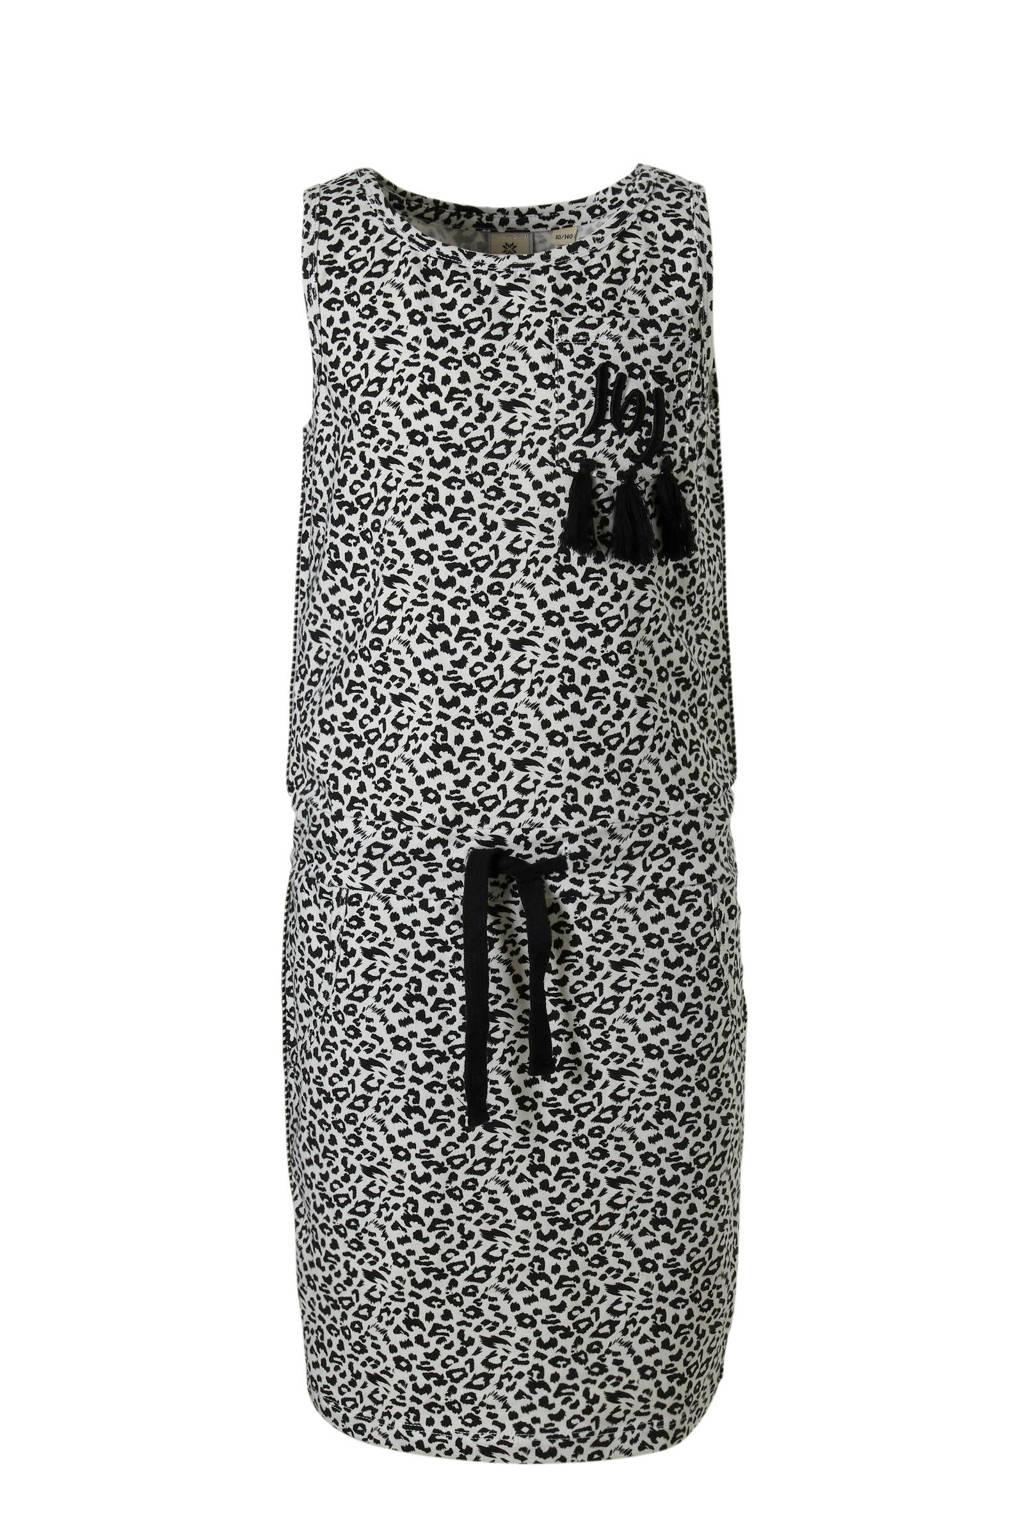 Indian Blue Jeans mouwloze jurk met panterprint zwart, Zwart/wit